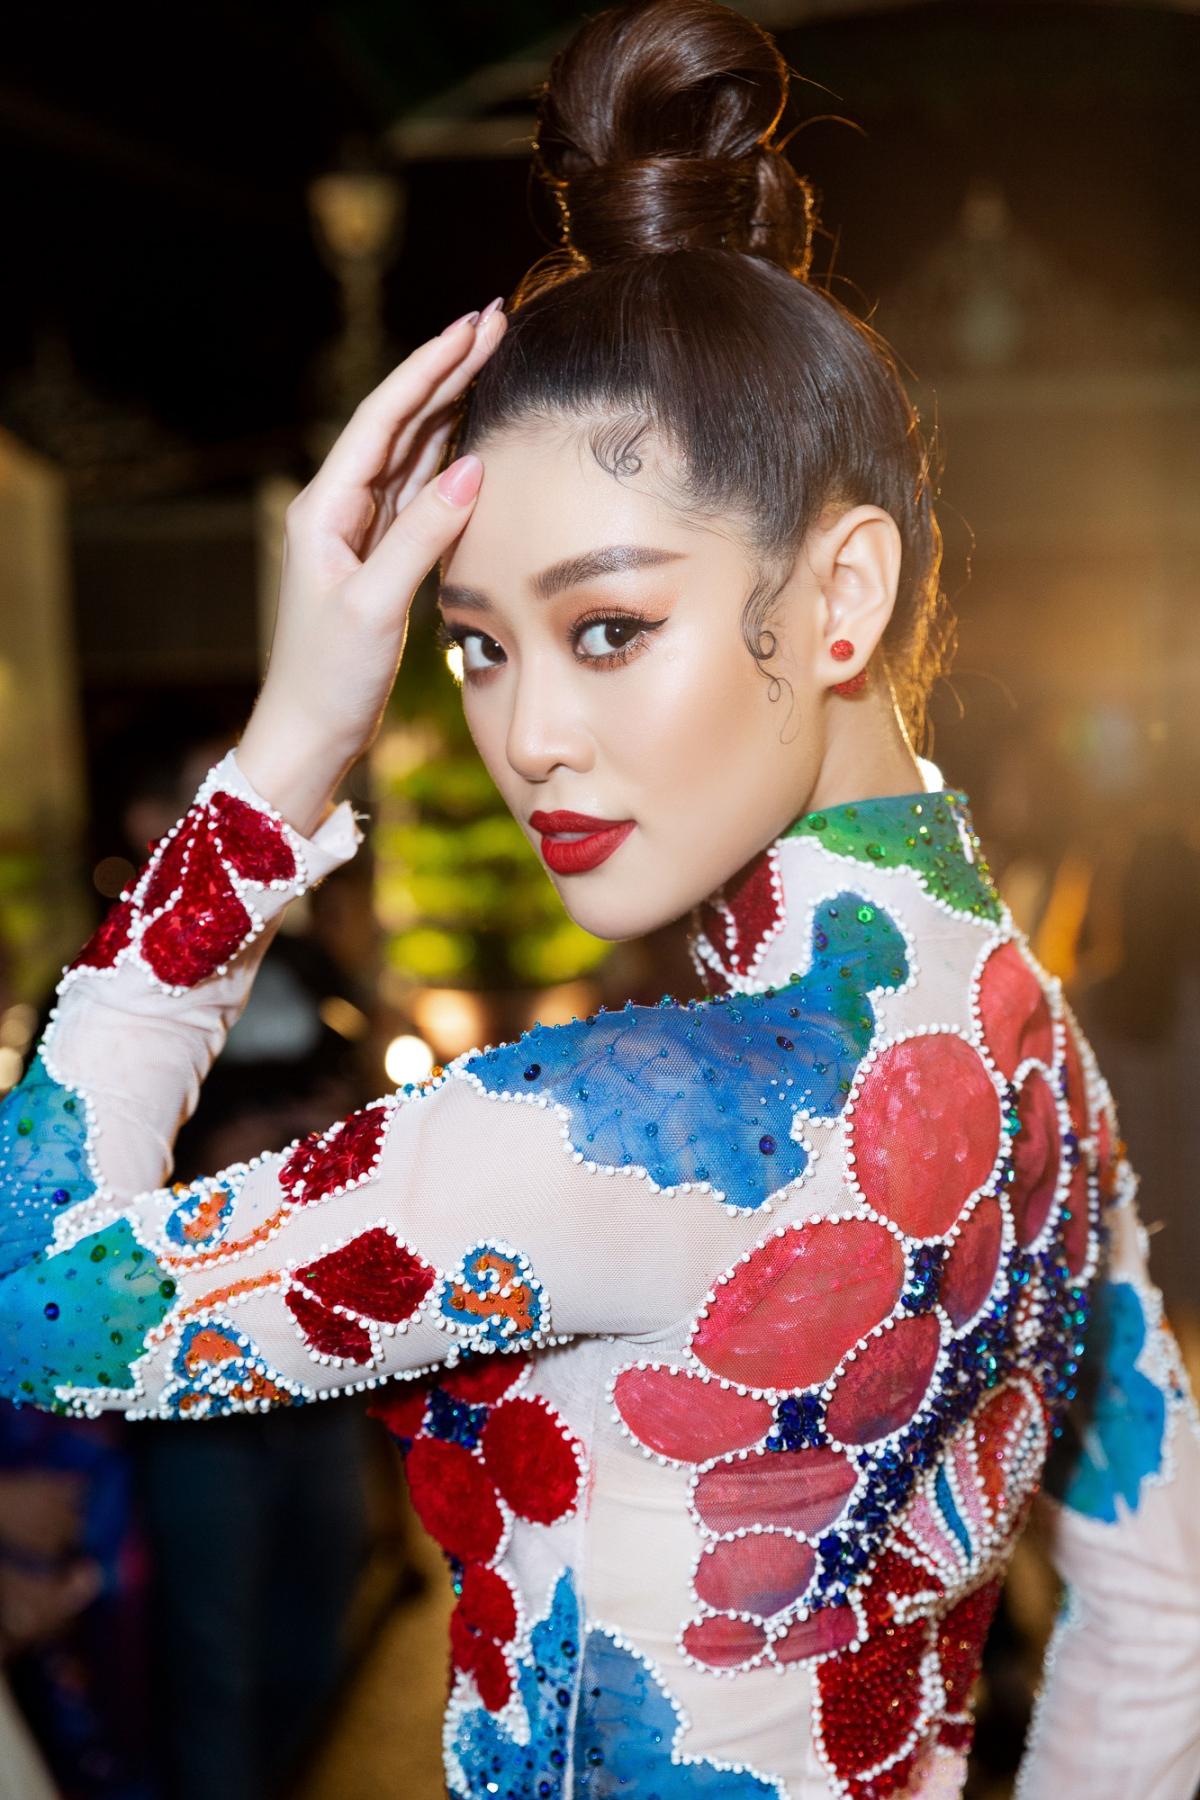 Hiện Hoa hậu Khánh Vân đang tích cực tập luyện chuẩn bị cho Miss Universe 2020.